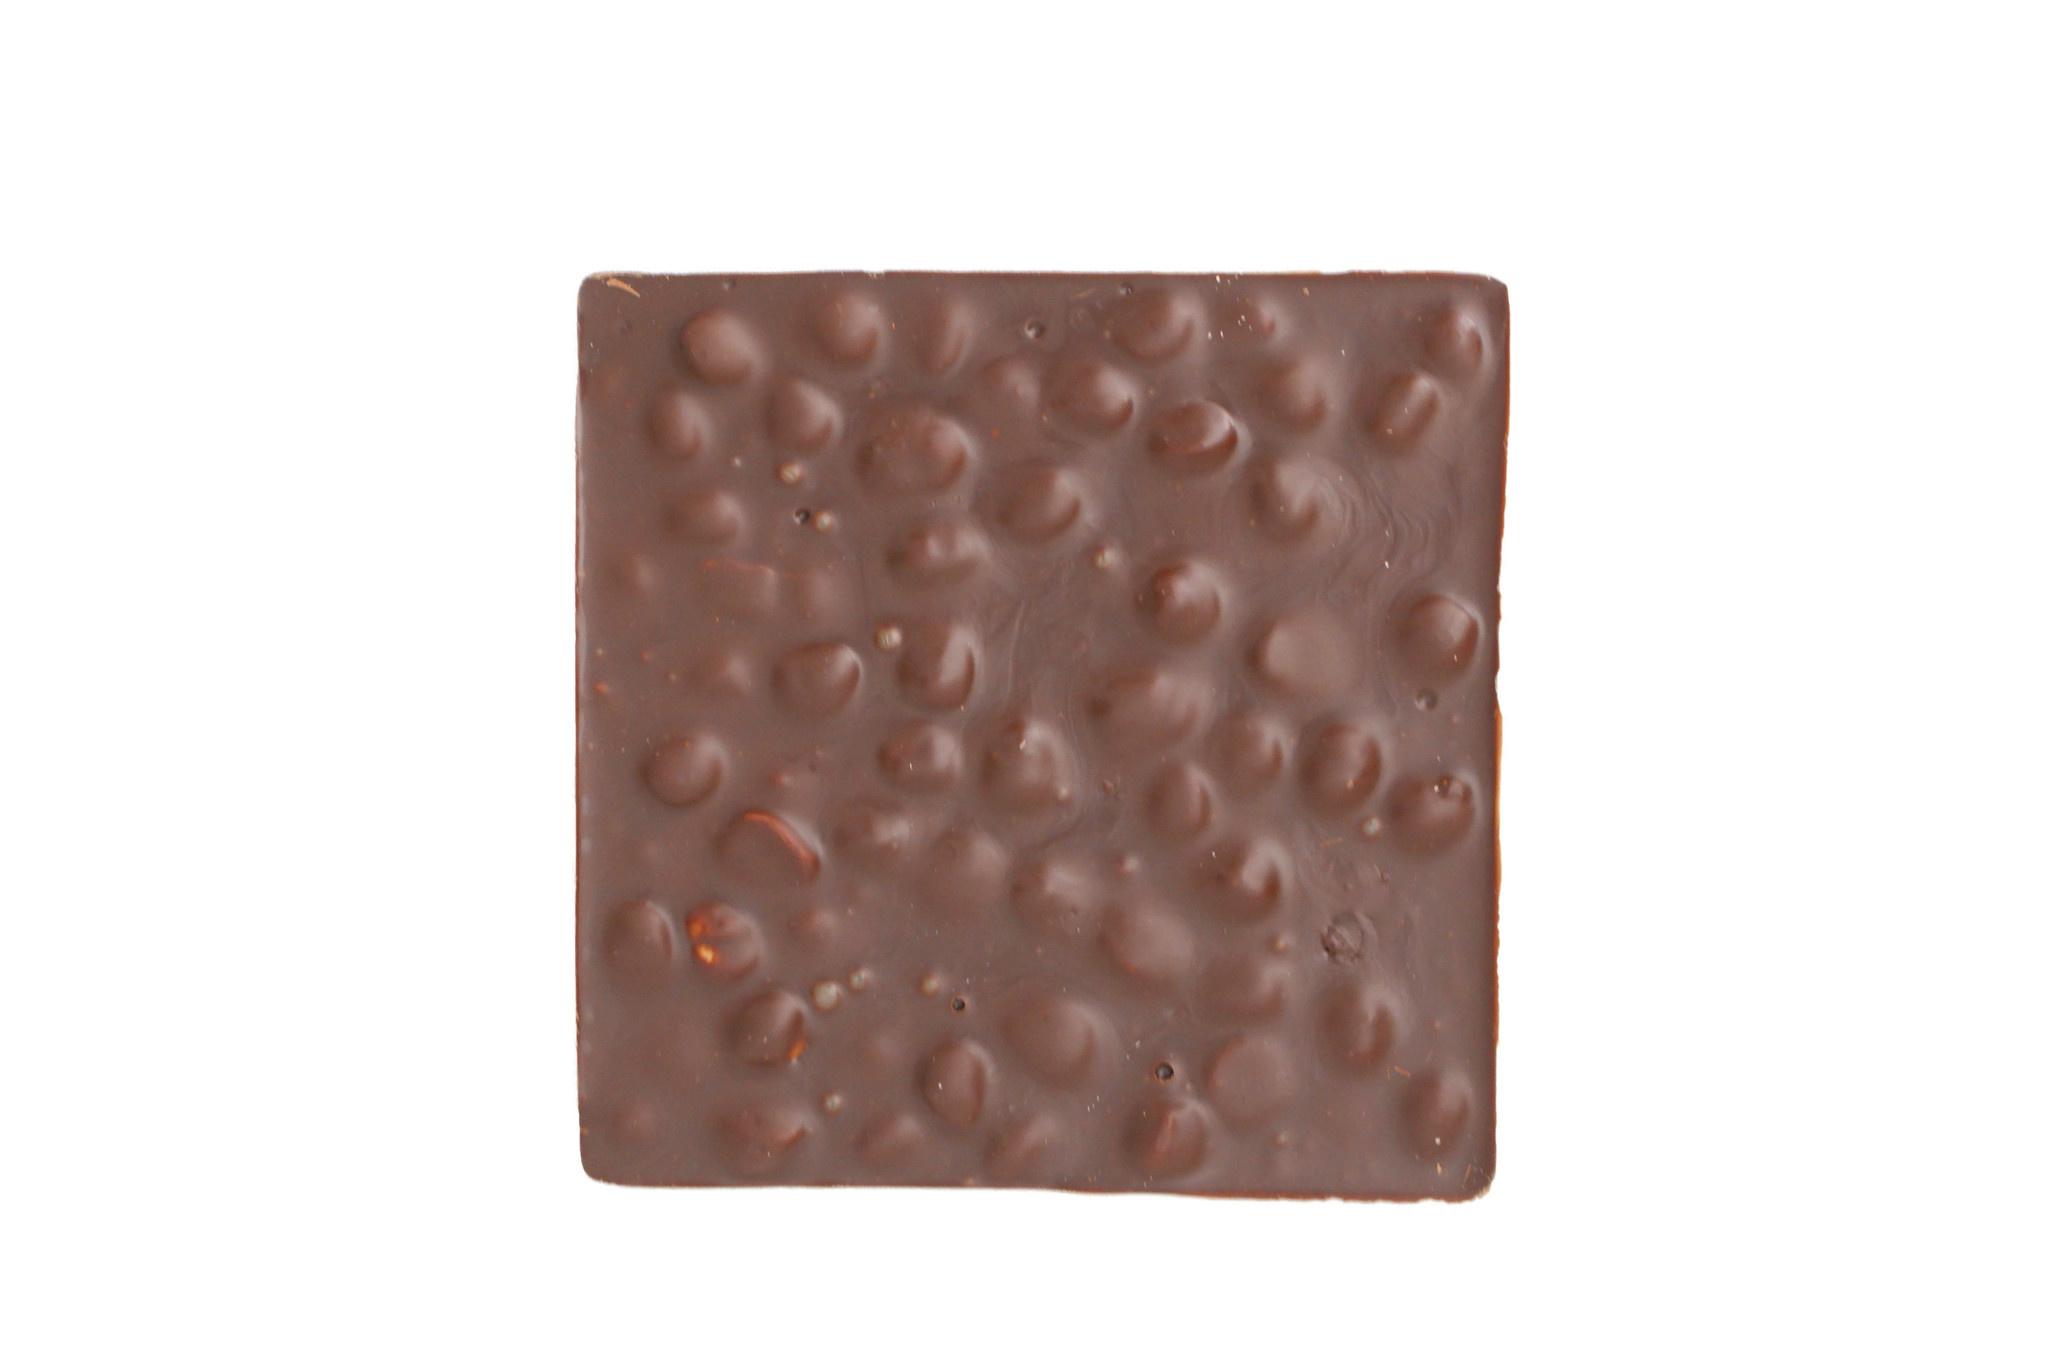 Tablet gevuld met hazelnoten